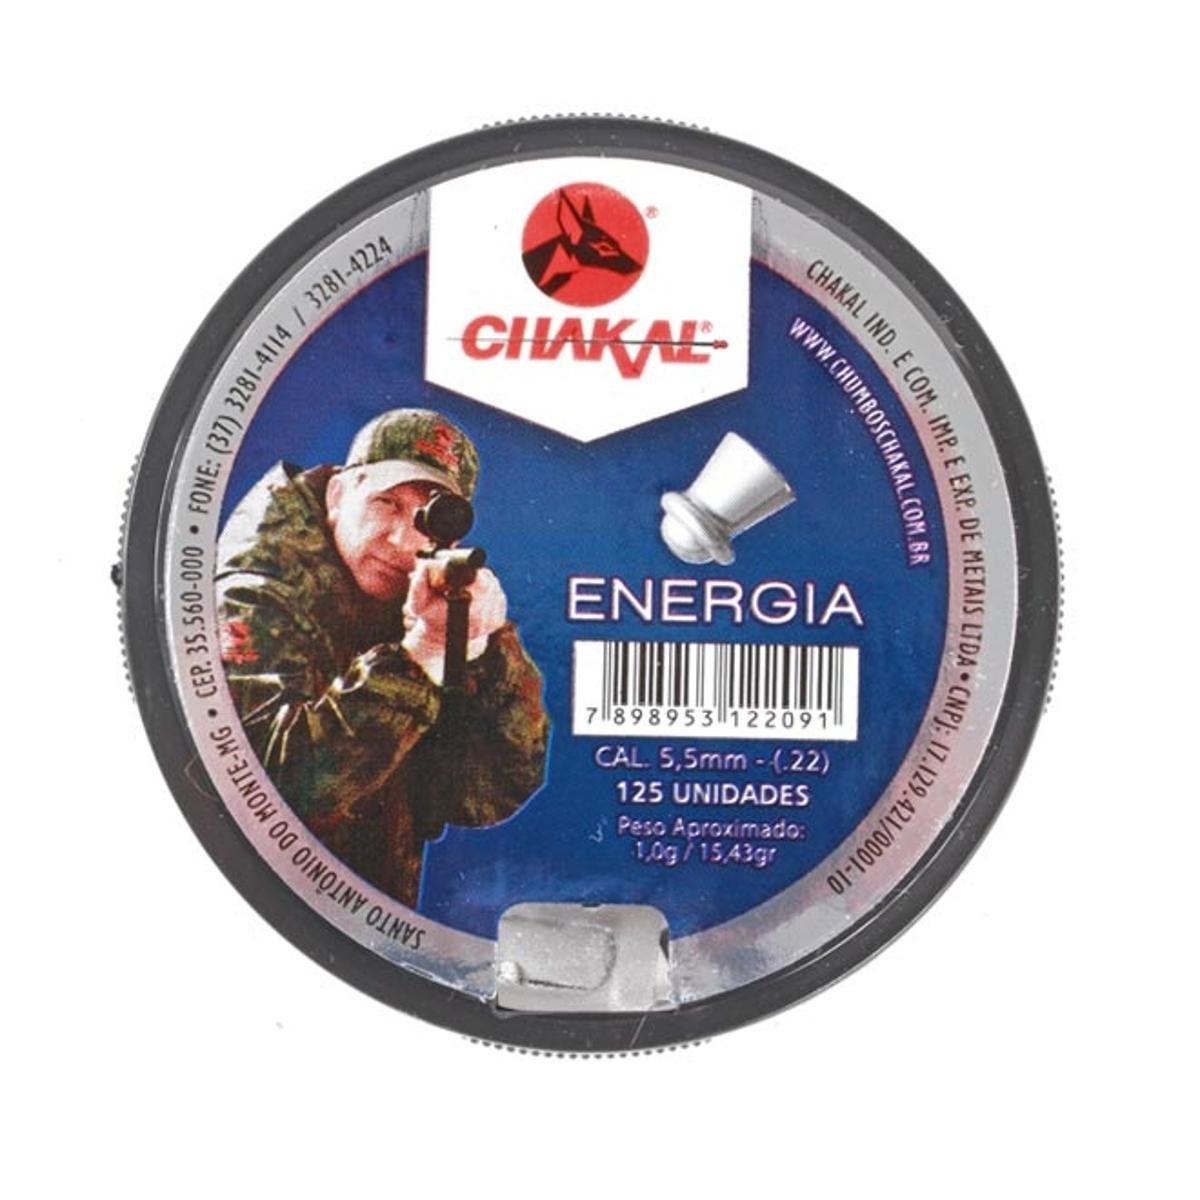 CHUMBINHO CHAKAL ENERGIA 5.5MM